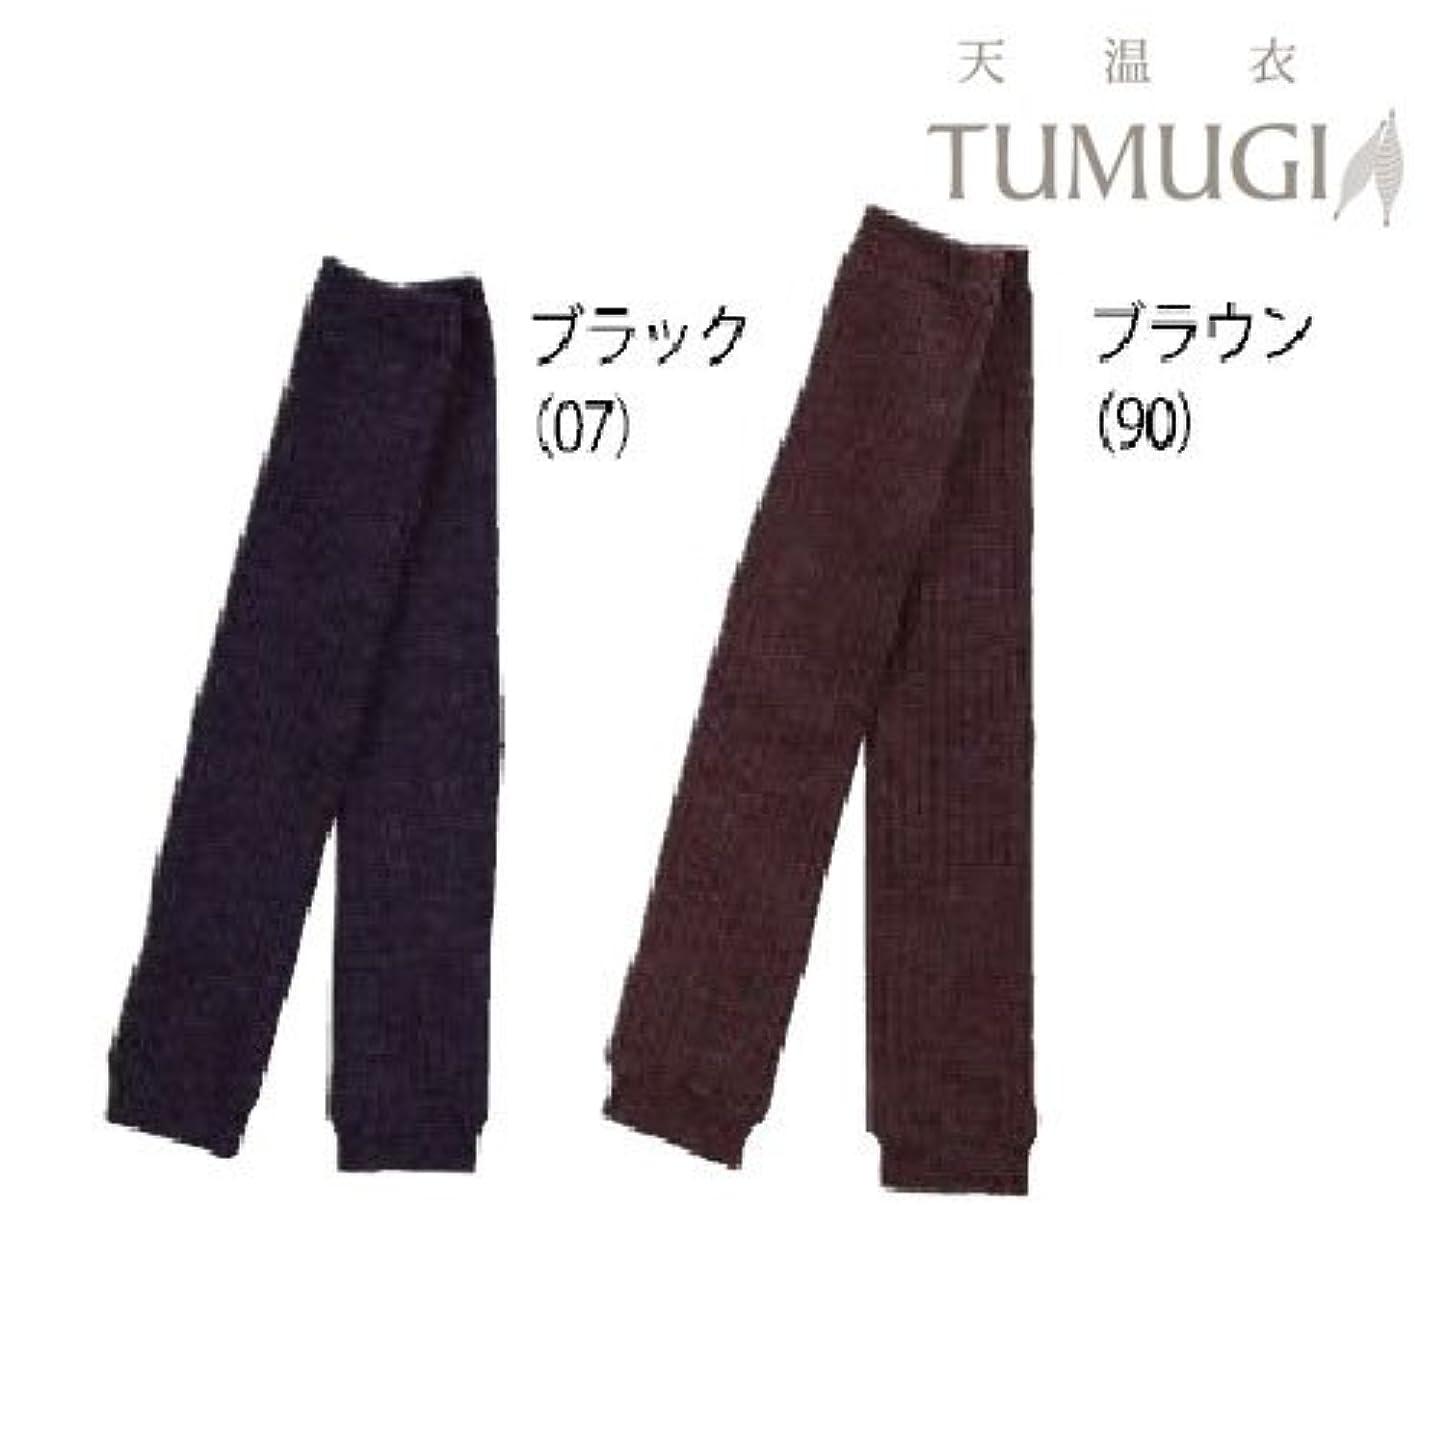 受付感性講堂天温衣TUMUGI  ウールとシルクの2重編みレッグウォーマー (ブラック(黒))